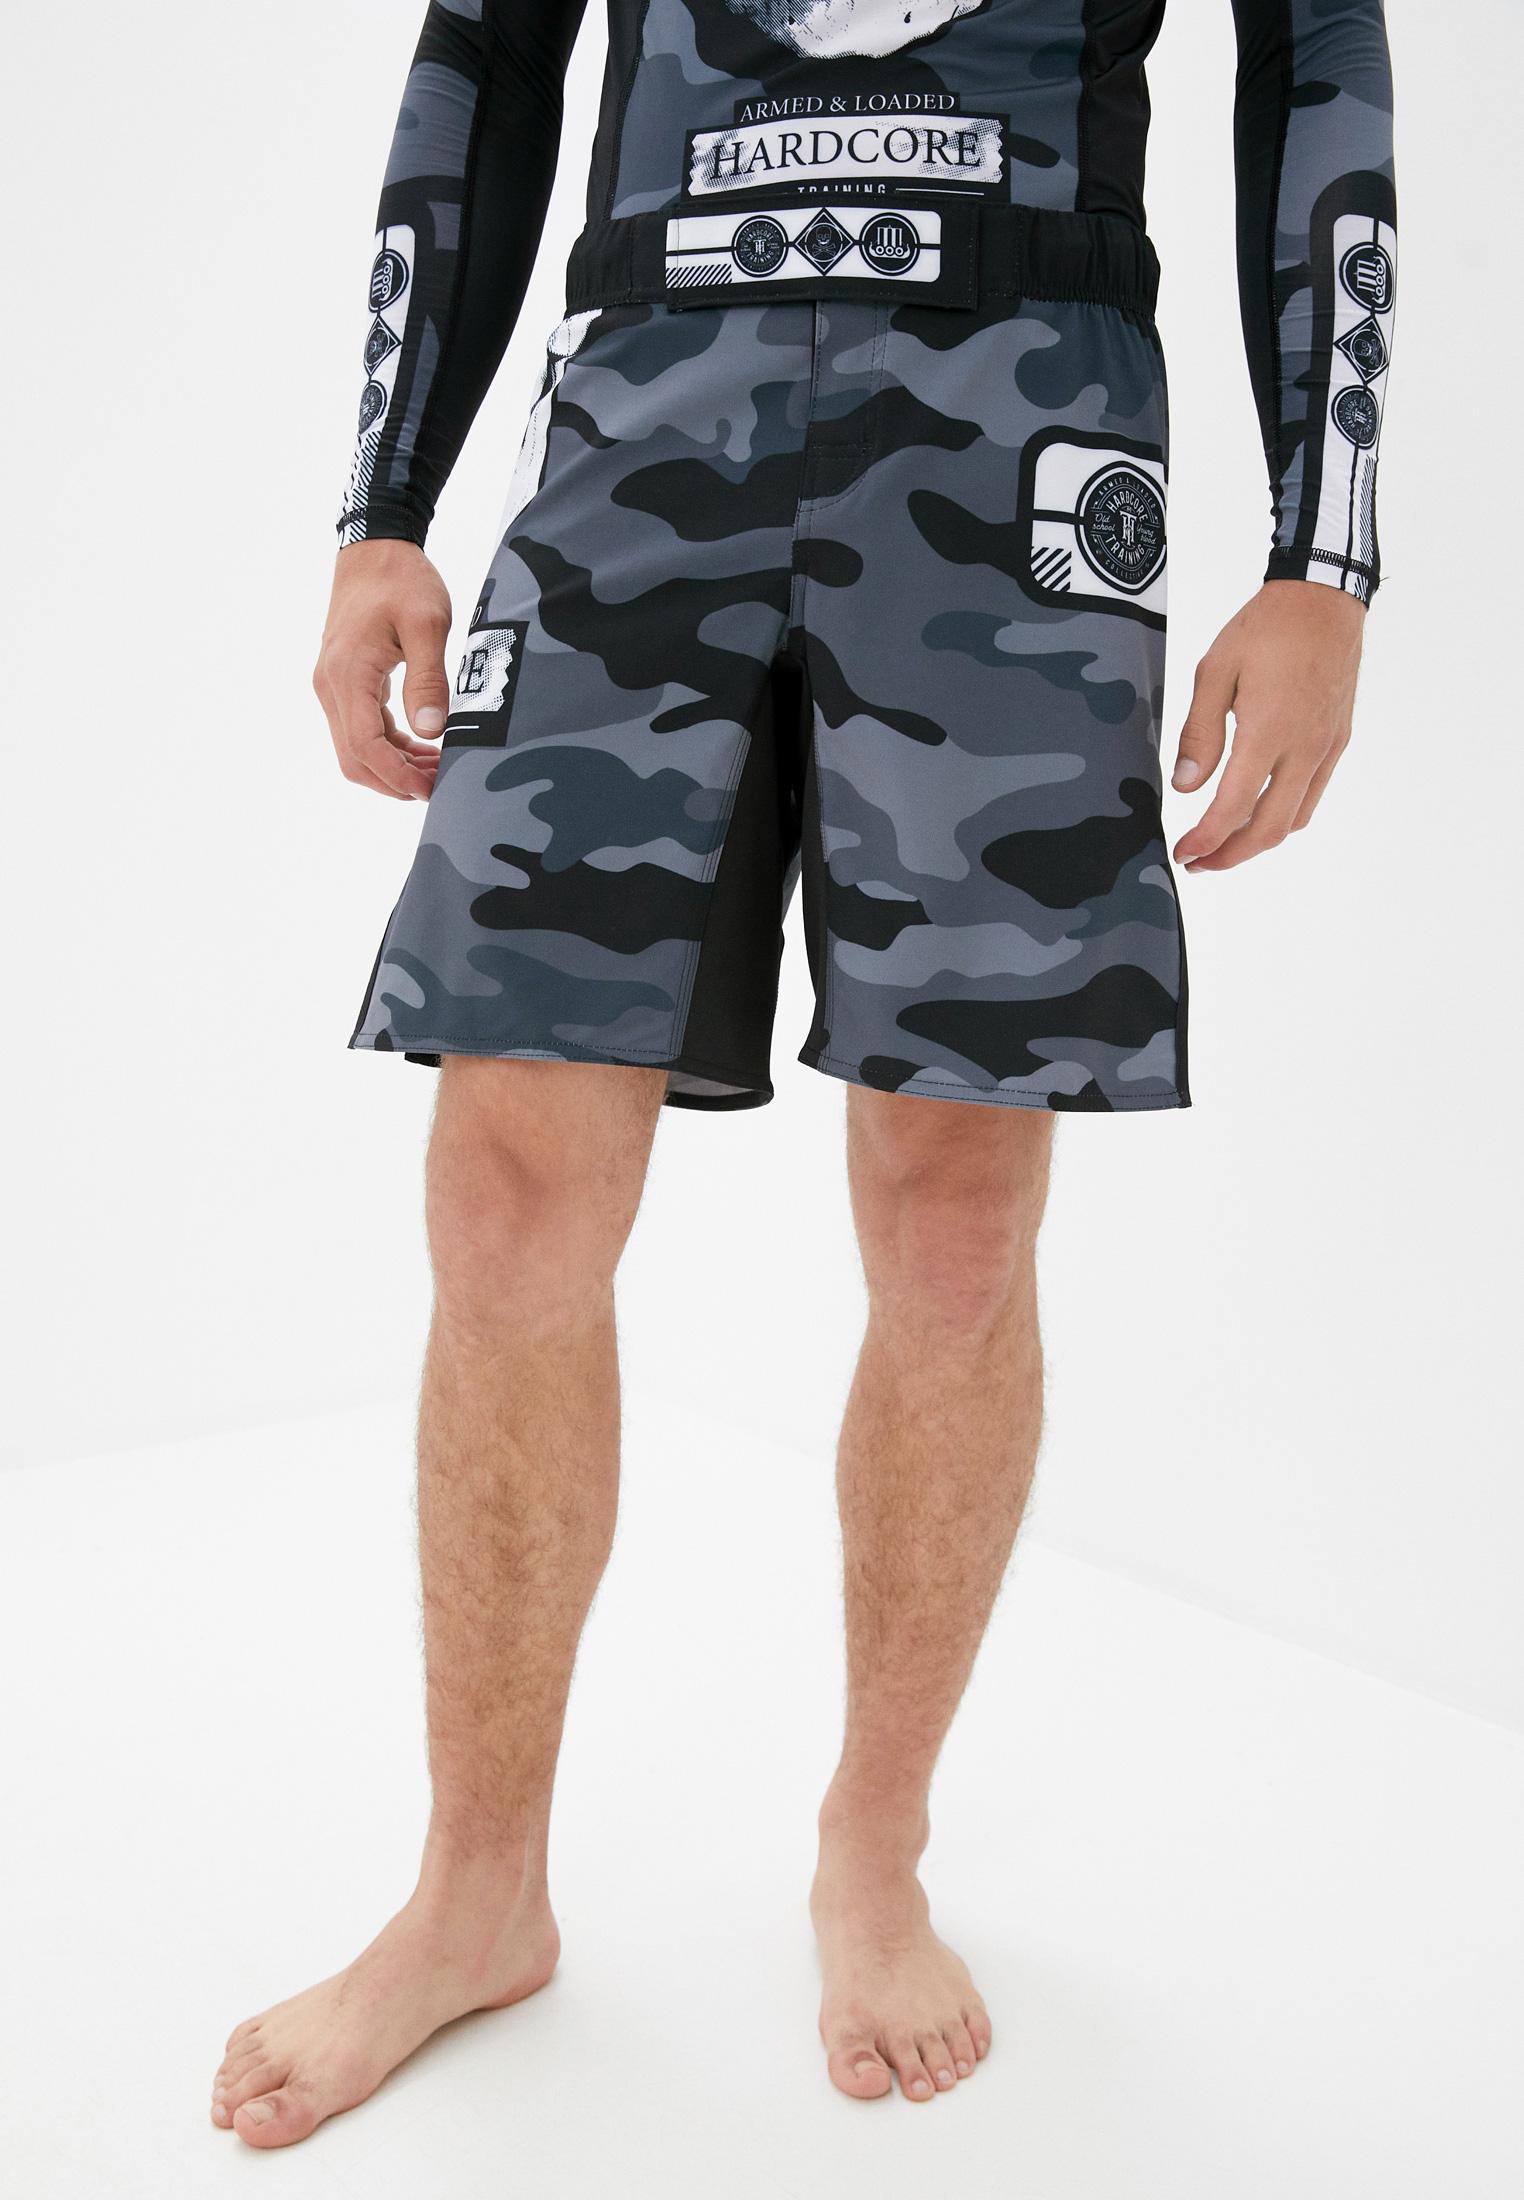 Мужские шорты Hardcore Training hctshorts0107